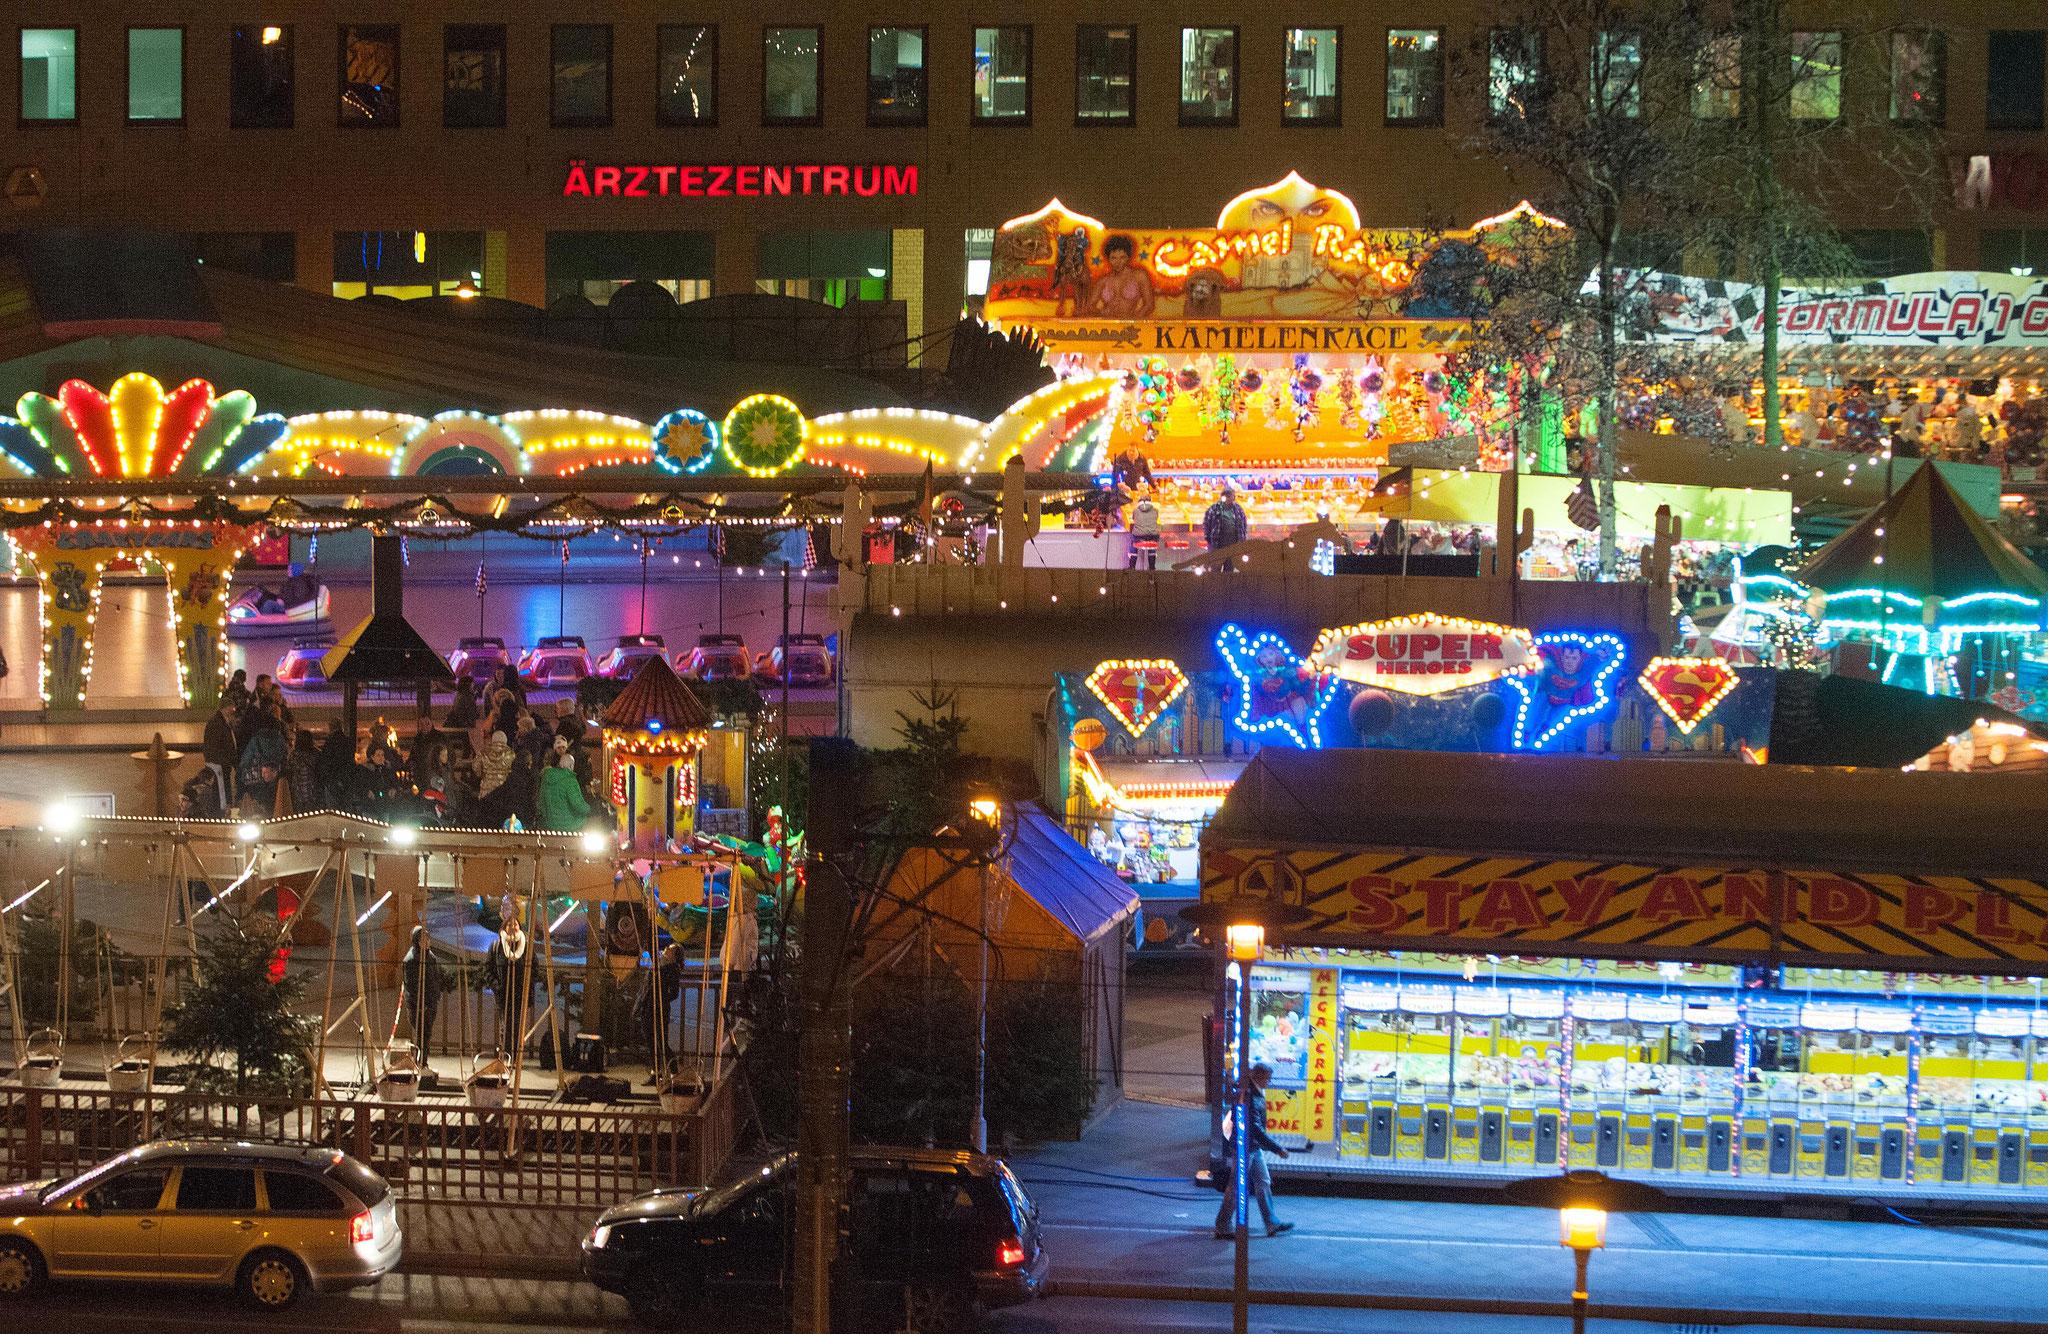 Täglich bis 23. Dezember, 11 bis 21 Uhr: Weihnachtsmarkt in Helle Mitte | © pressefoto-uhlemann.de